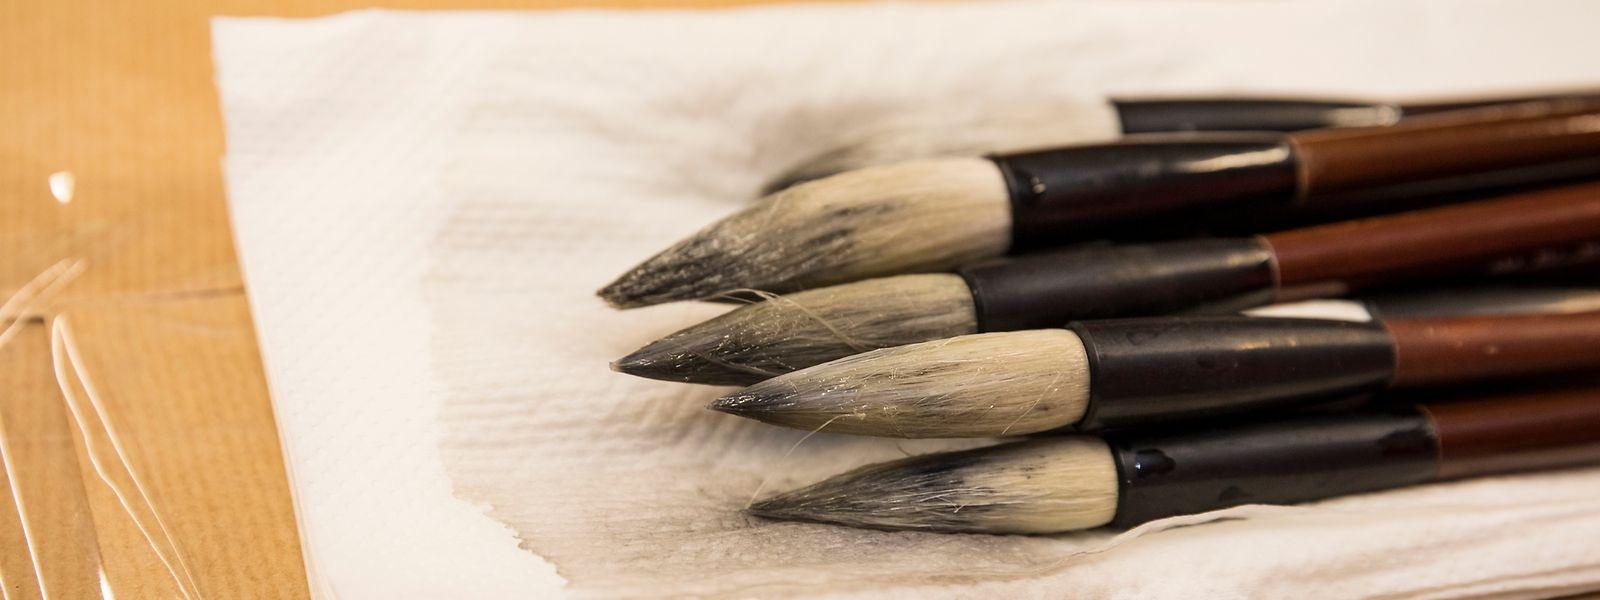 Schreibpinsel aus Ziegenhaar.